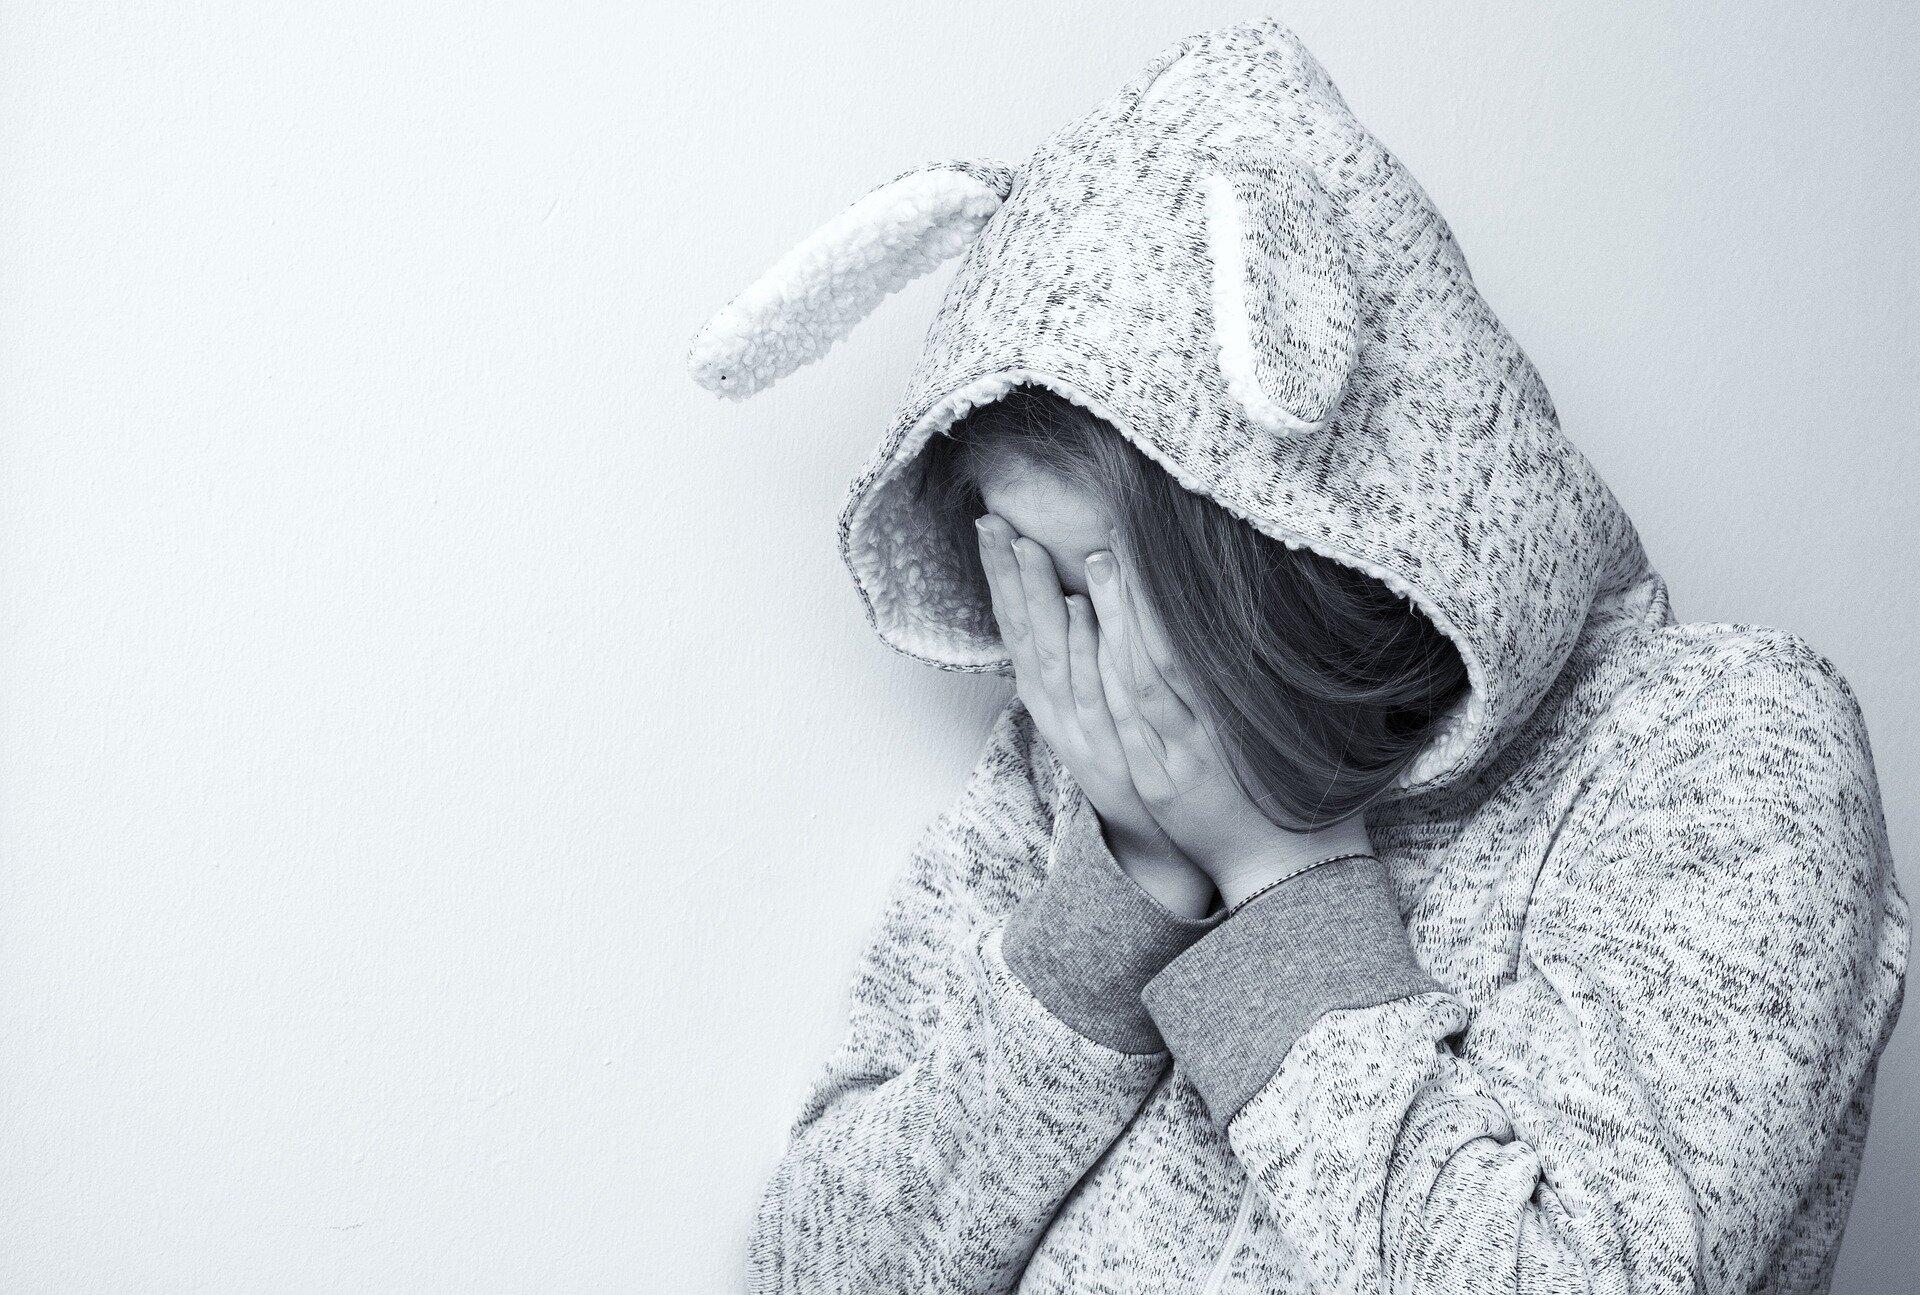 Mobbing-andere erhöht das Risiko der Entwicklung von psychischen Problemen und Umgekehrt